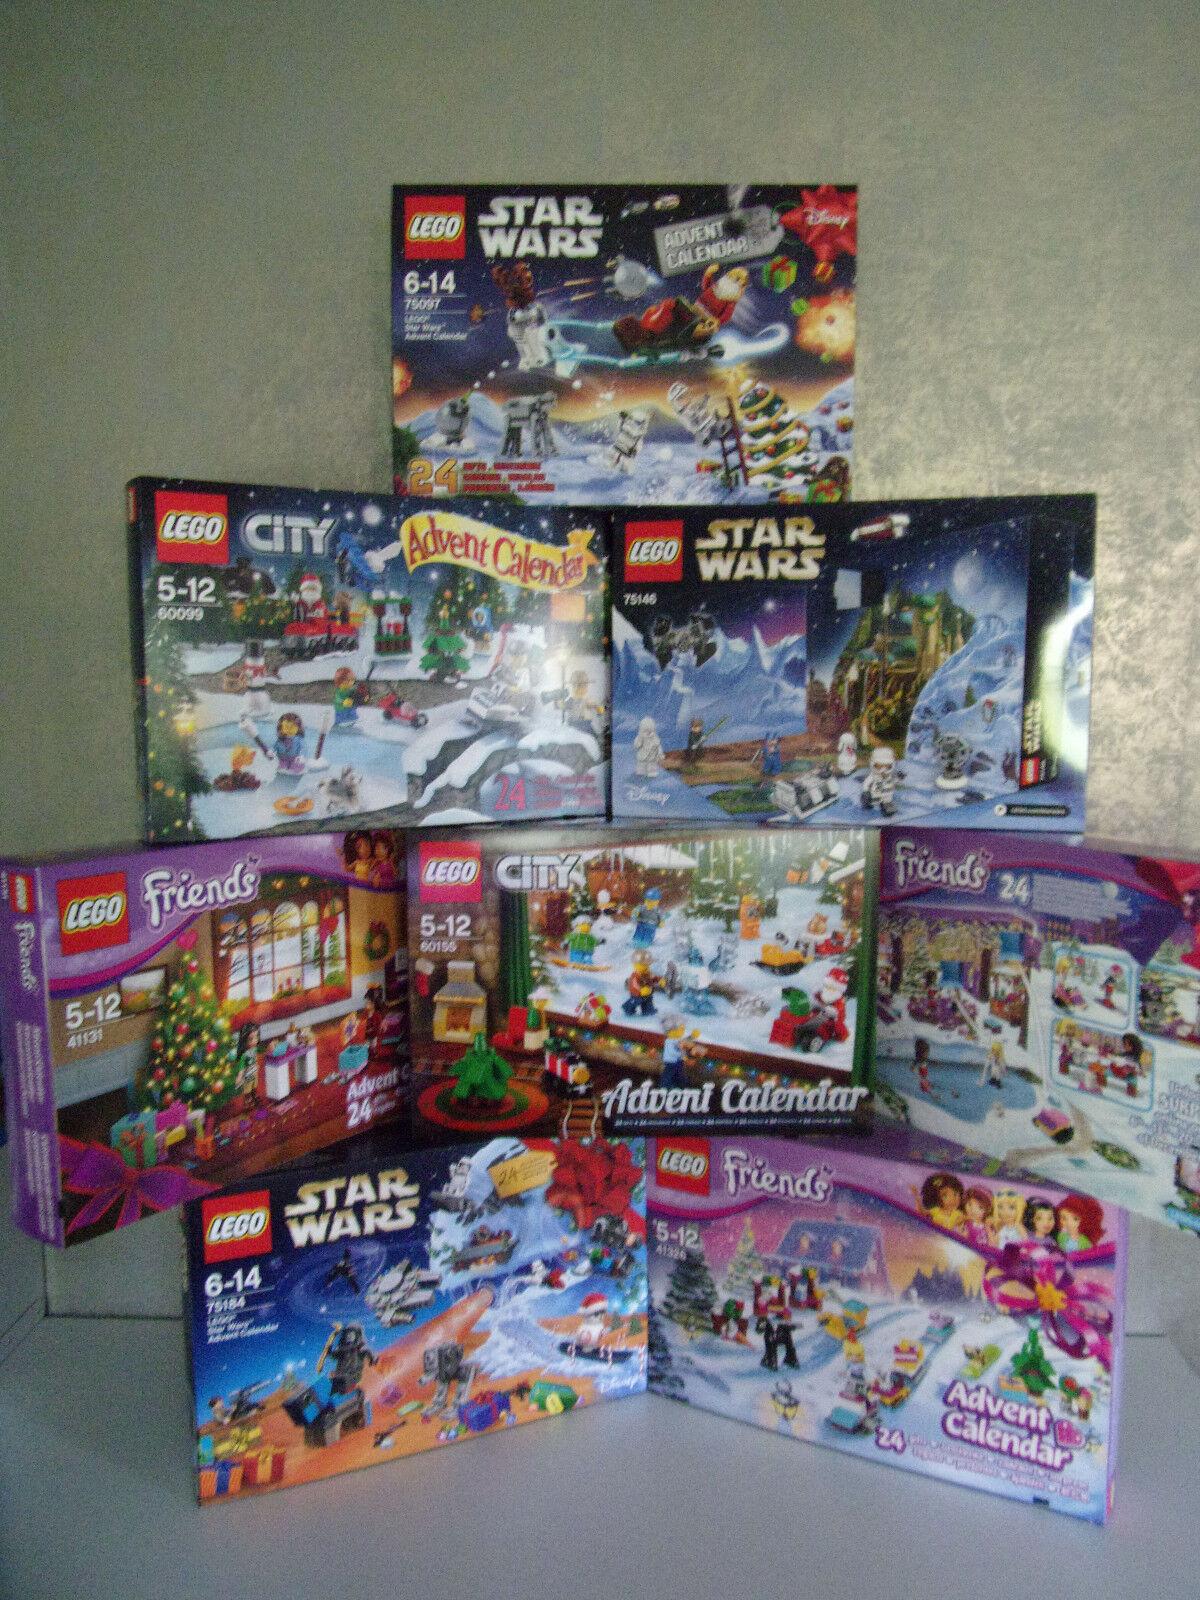 Lego Adventskalender (Star Wars, City, Friends,....) - zum aussuchen - Neu & OVP  | Abgabepreis